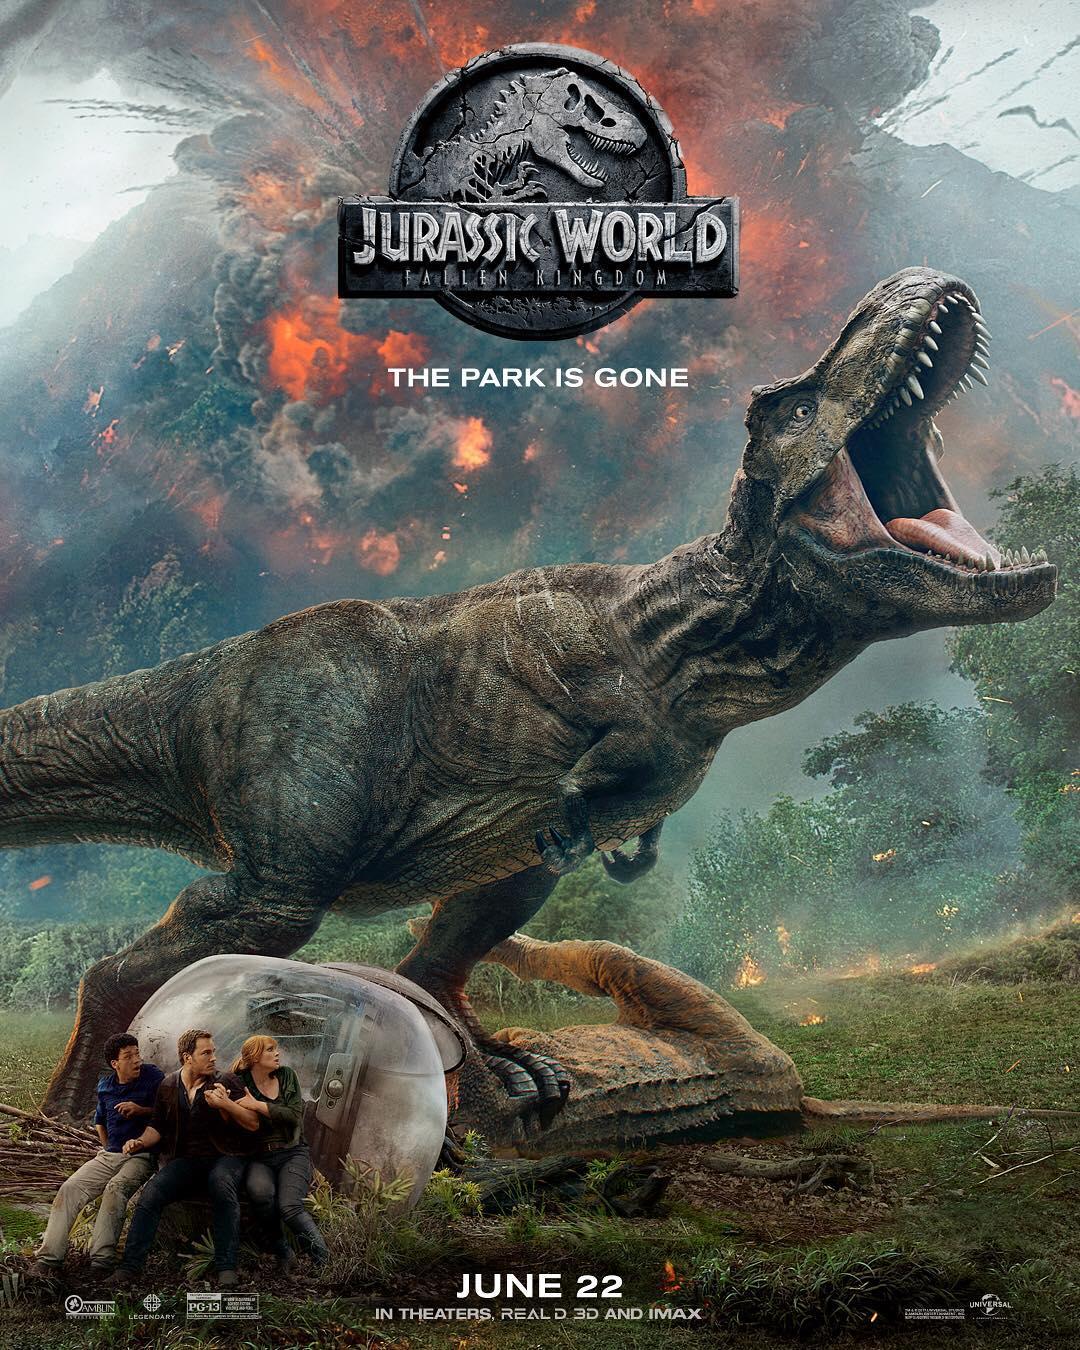 ジュラシックワールド炎の王国のポスター